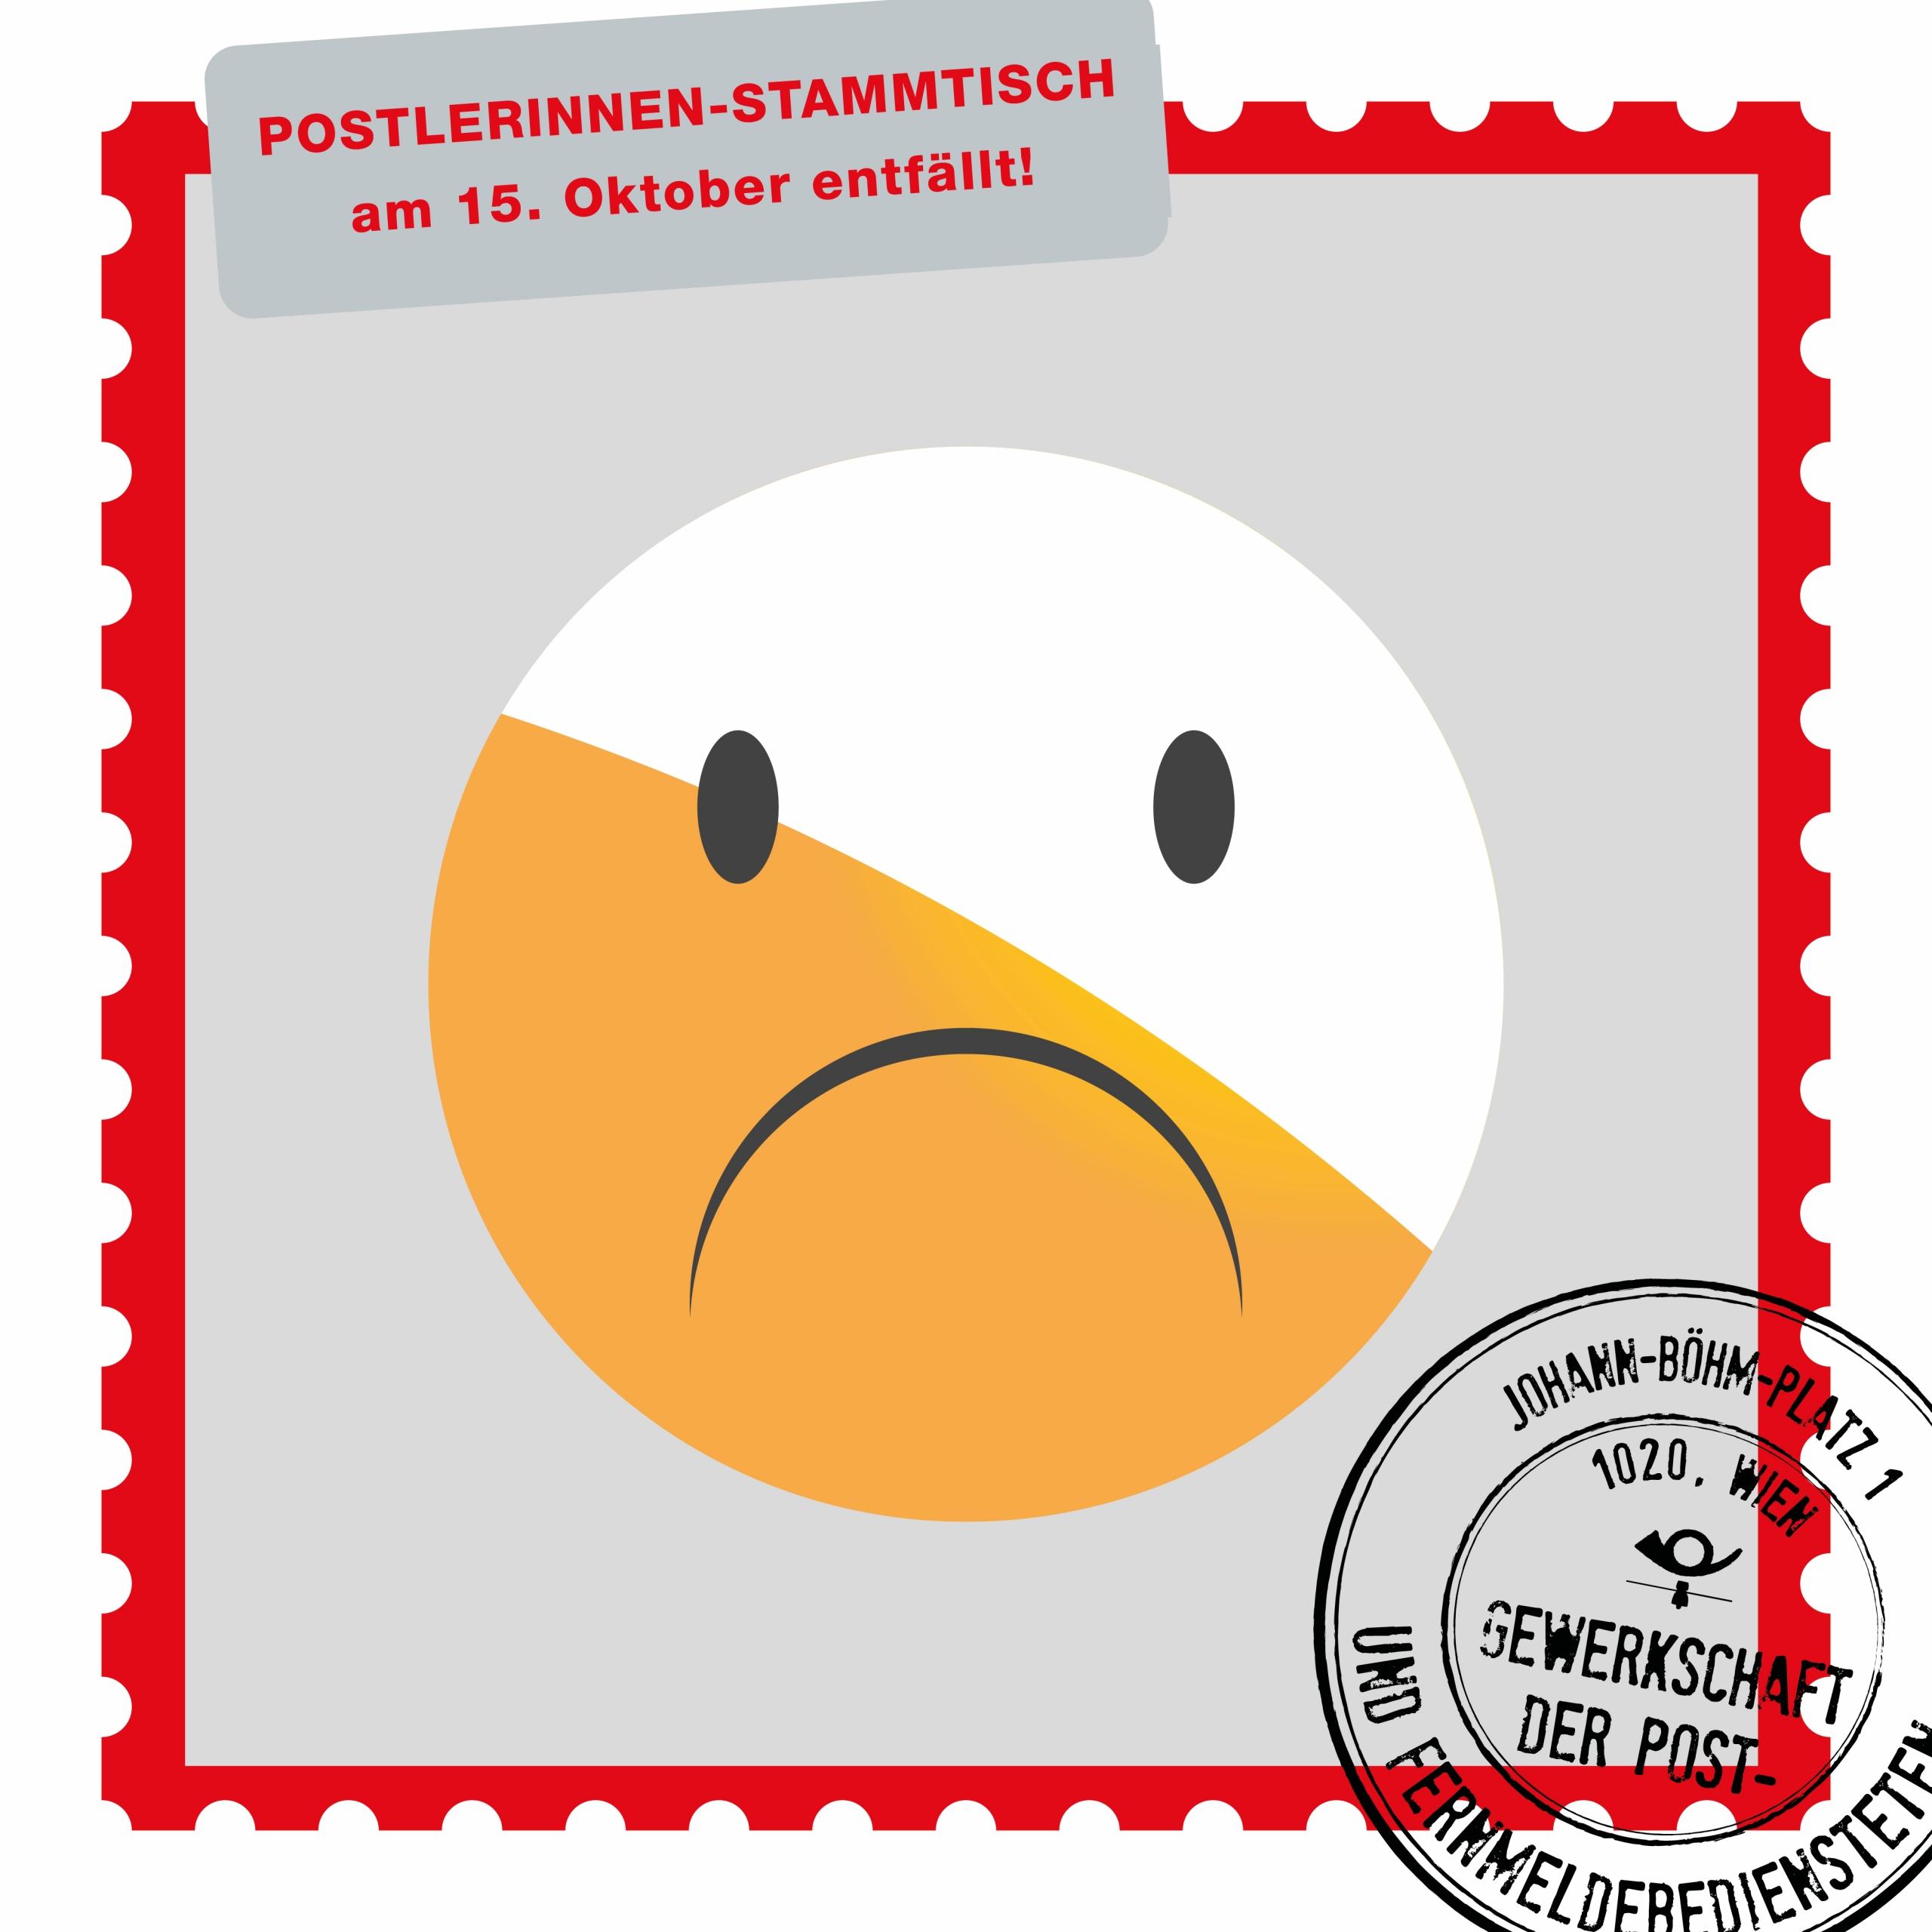 PostlerInnenstammtisch entfällt_Beitragsbild